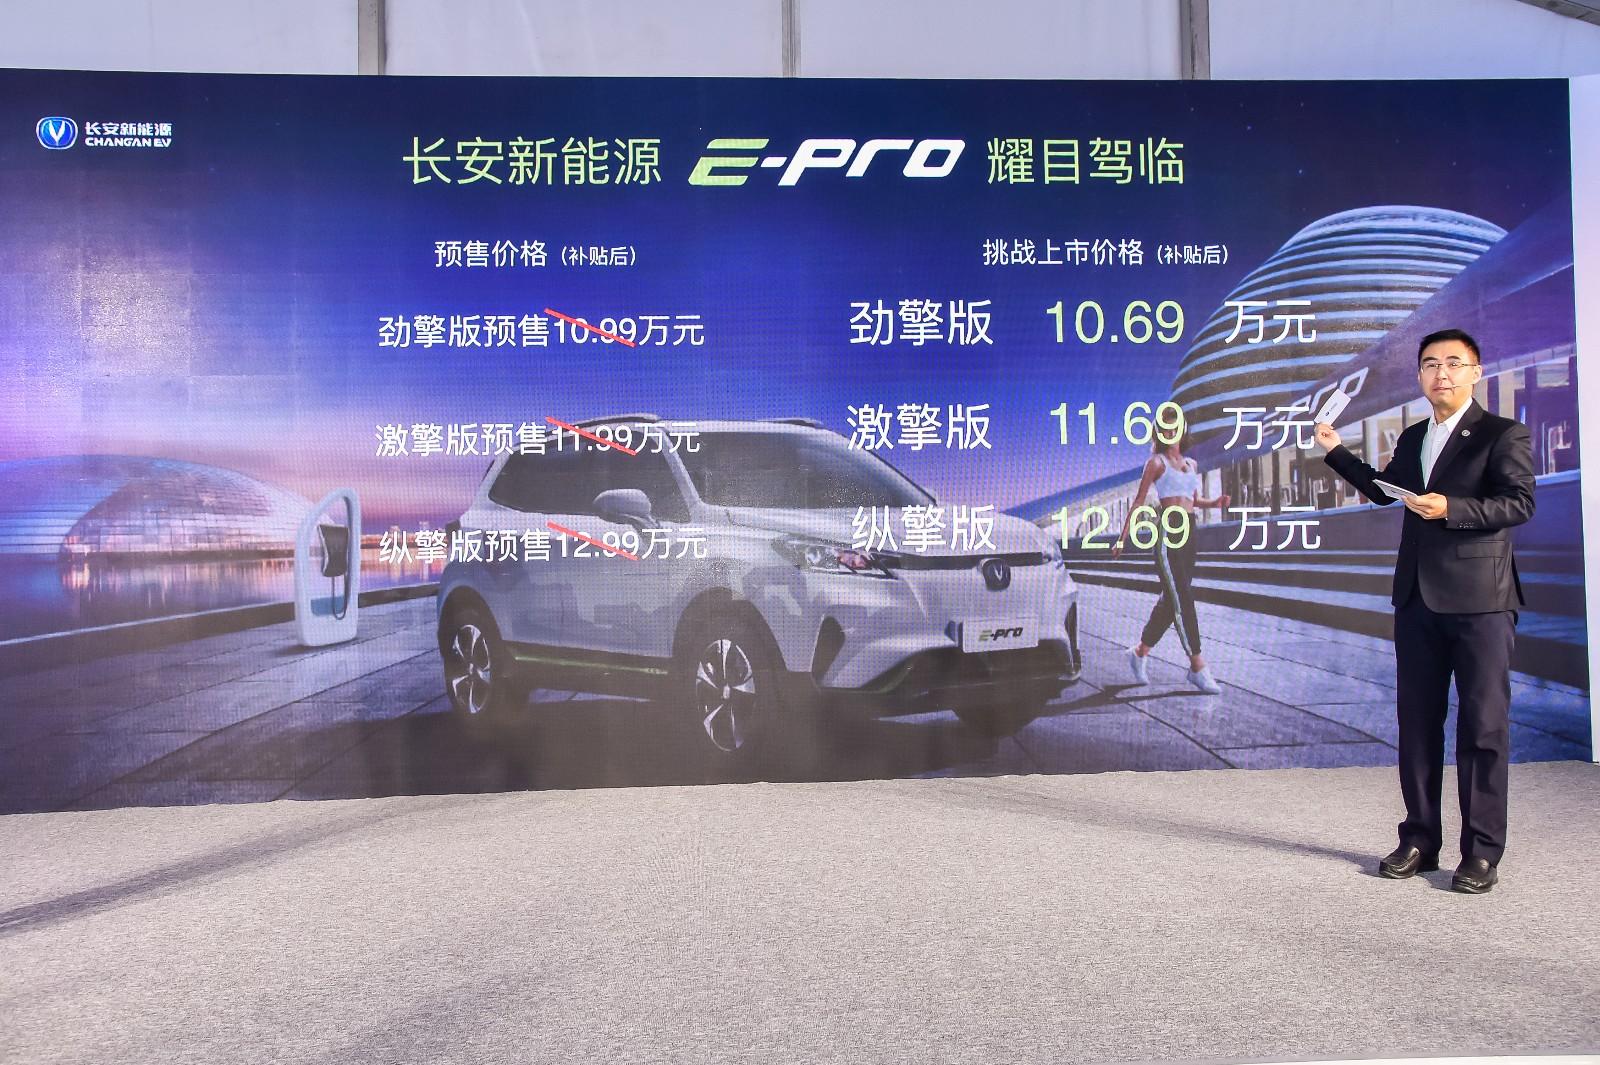 长安新能源总经理杨大勇宣布E-pro的售价